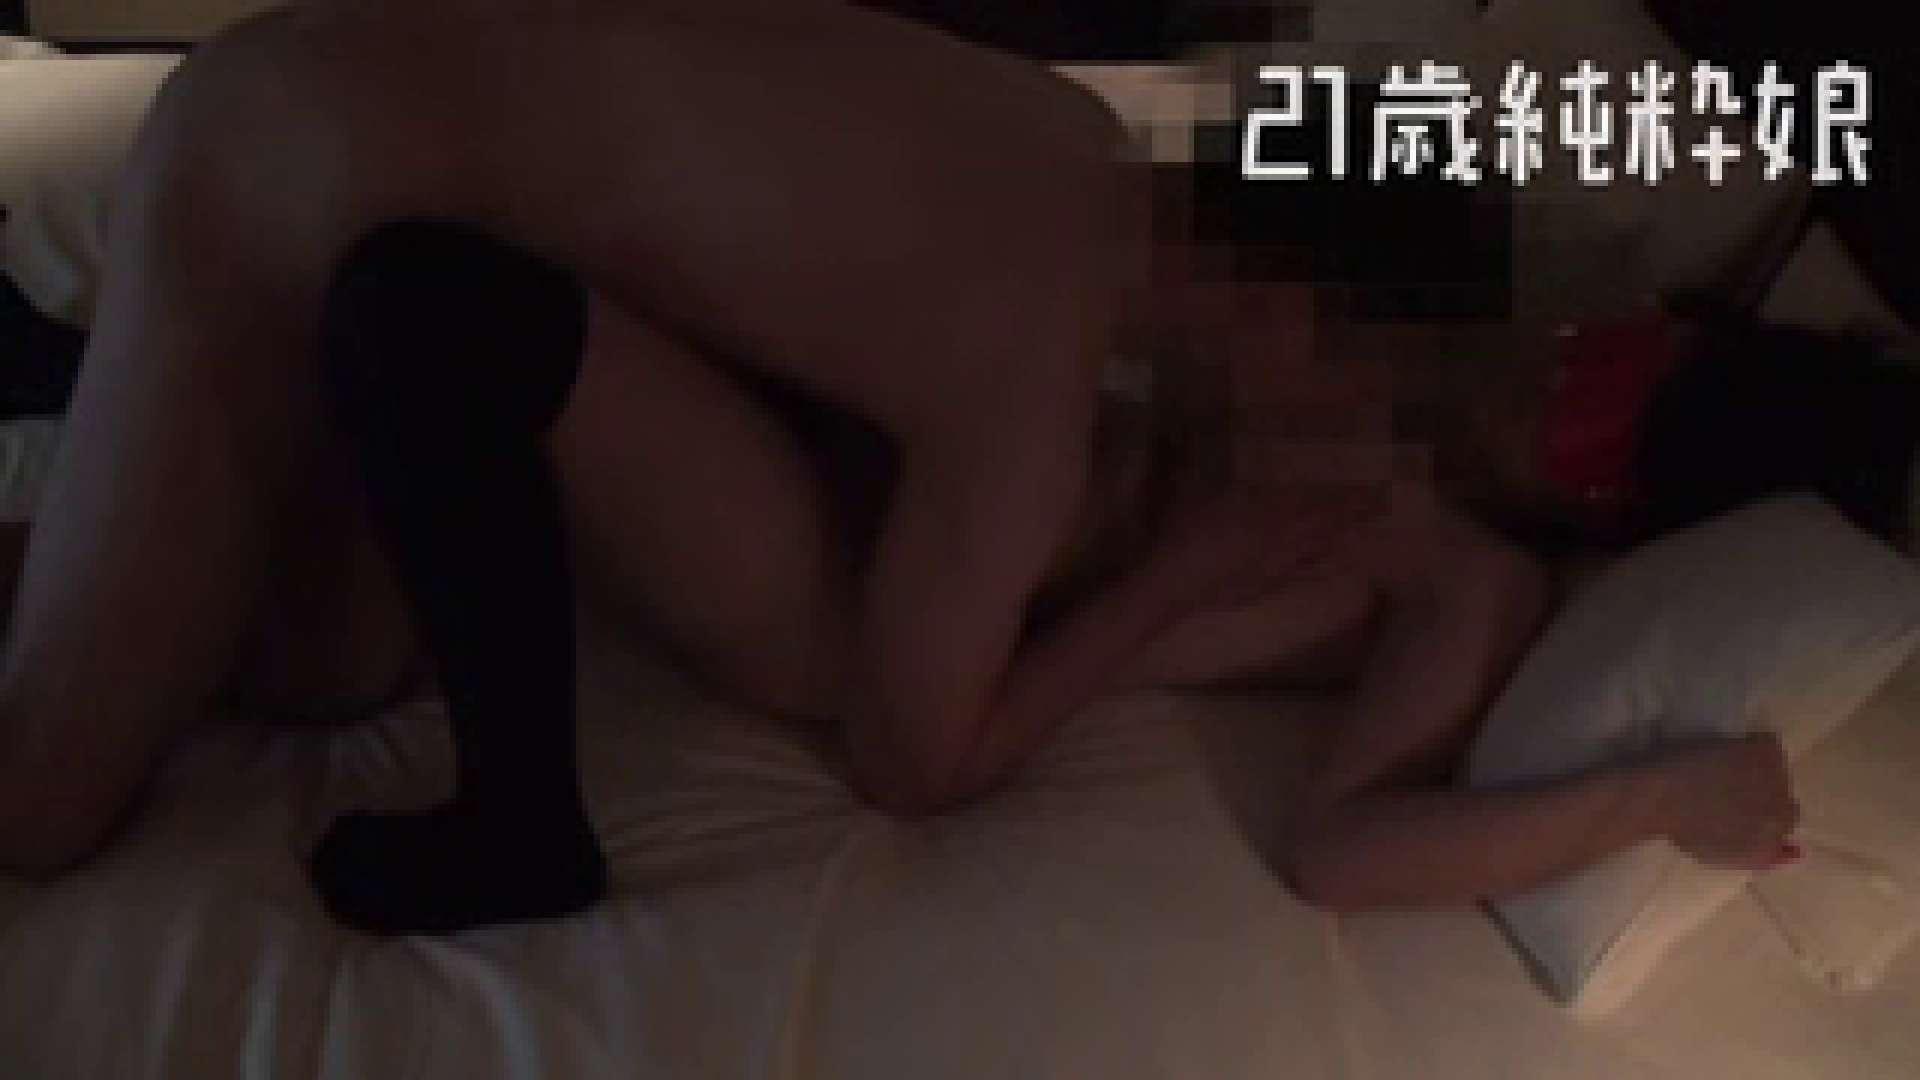 上京したばかりのGカップ21歳純粋嬢を都合の良い女にしてみた4 ホテル | ギャル達のおっぱい  96画像 61